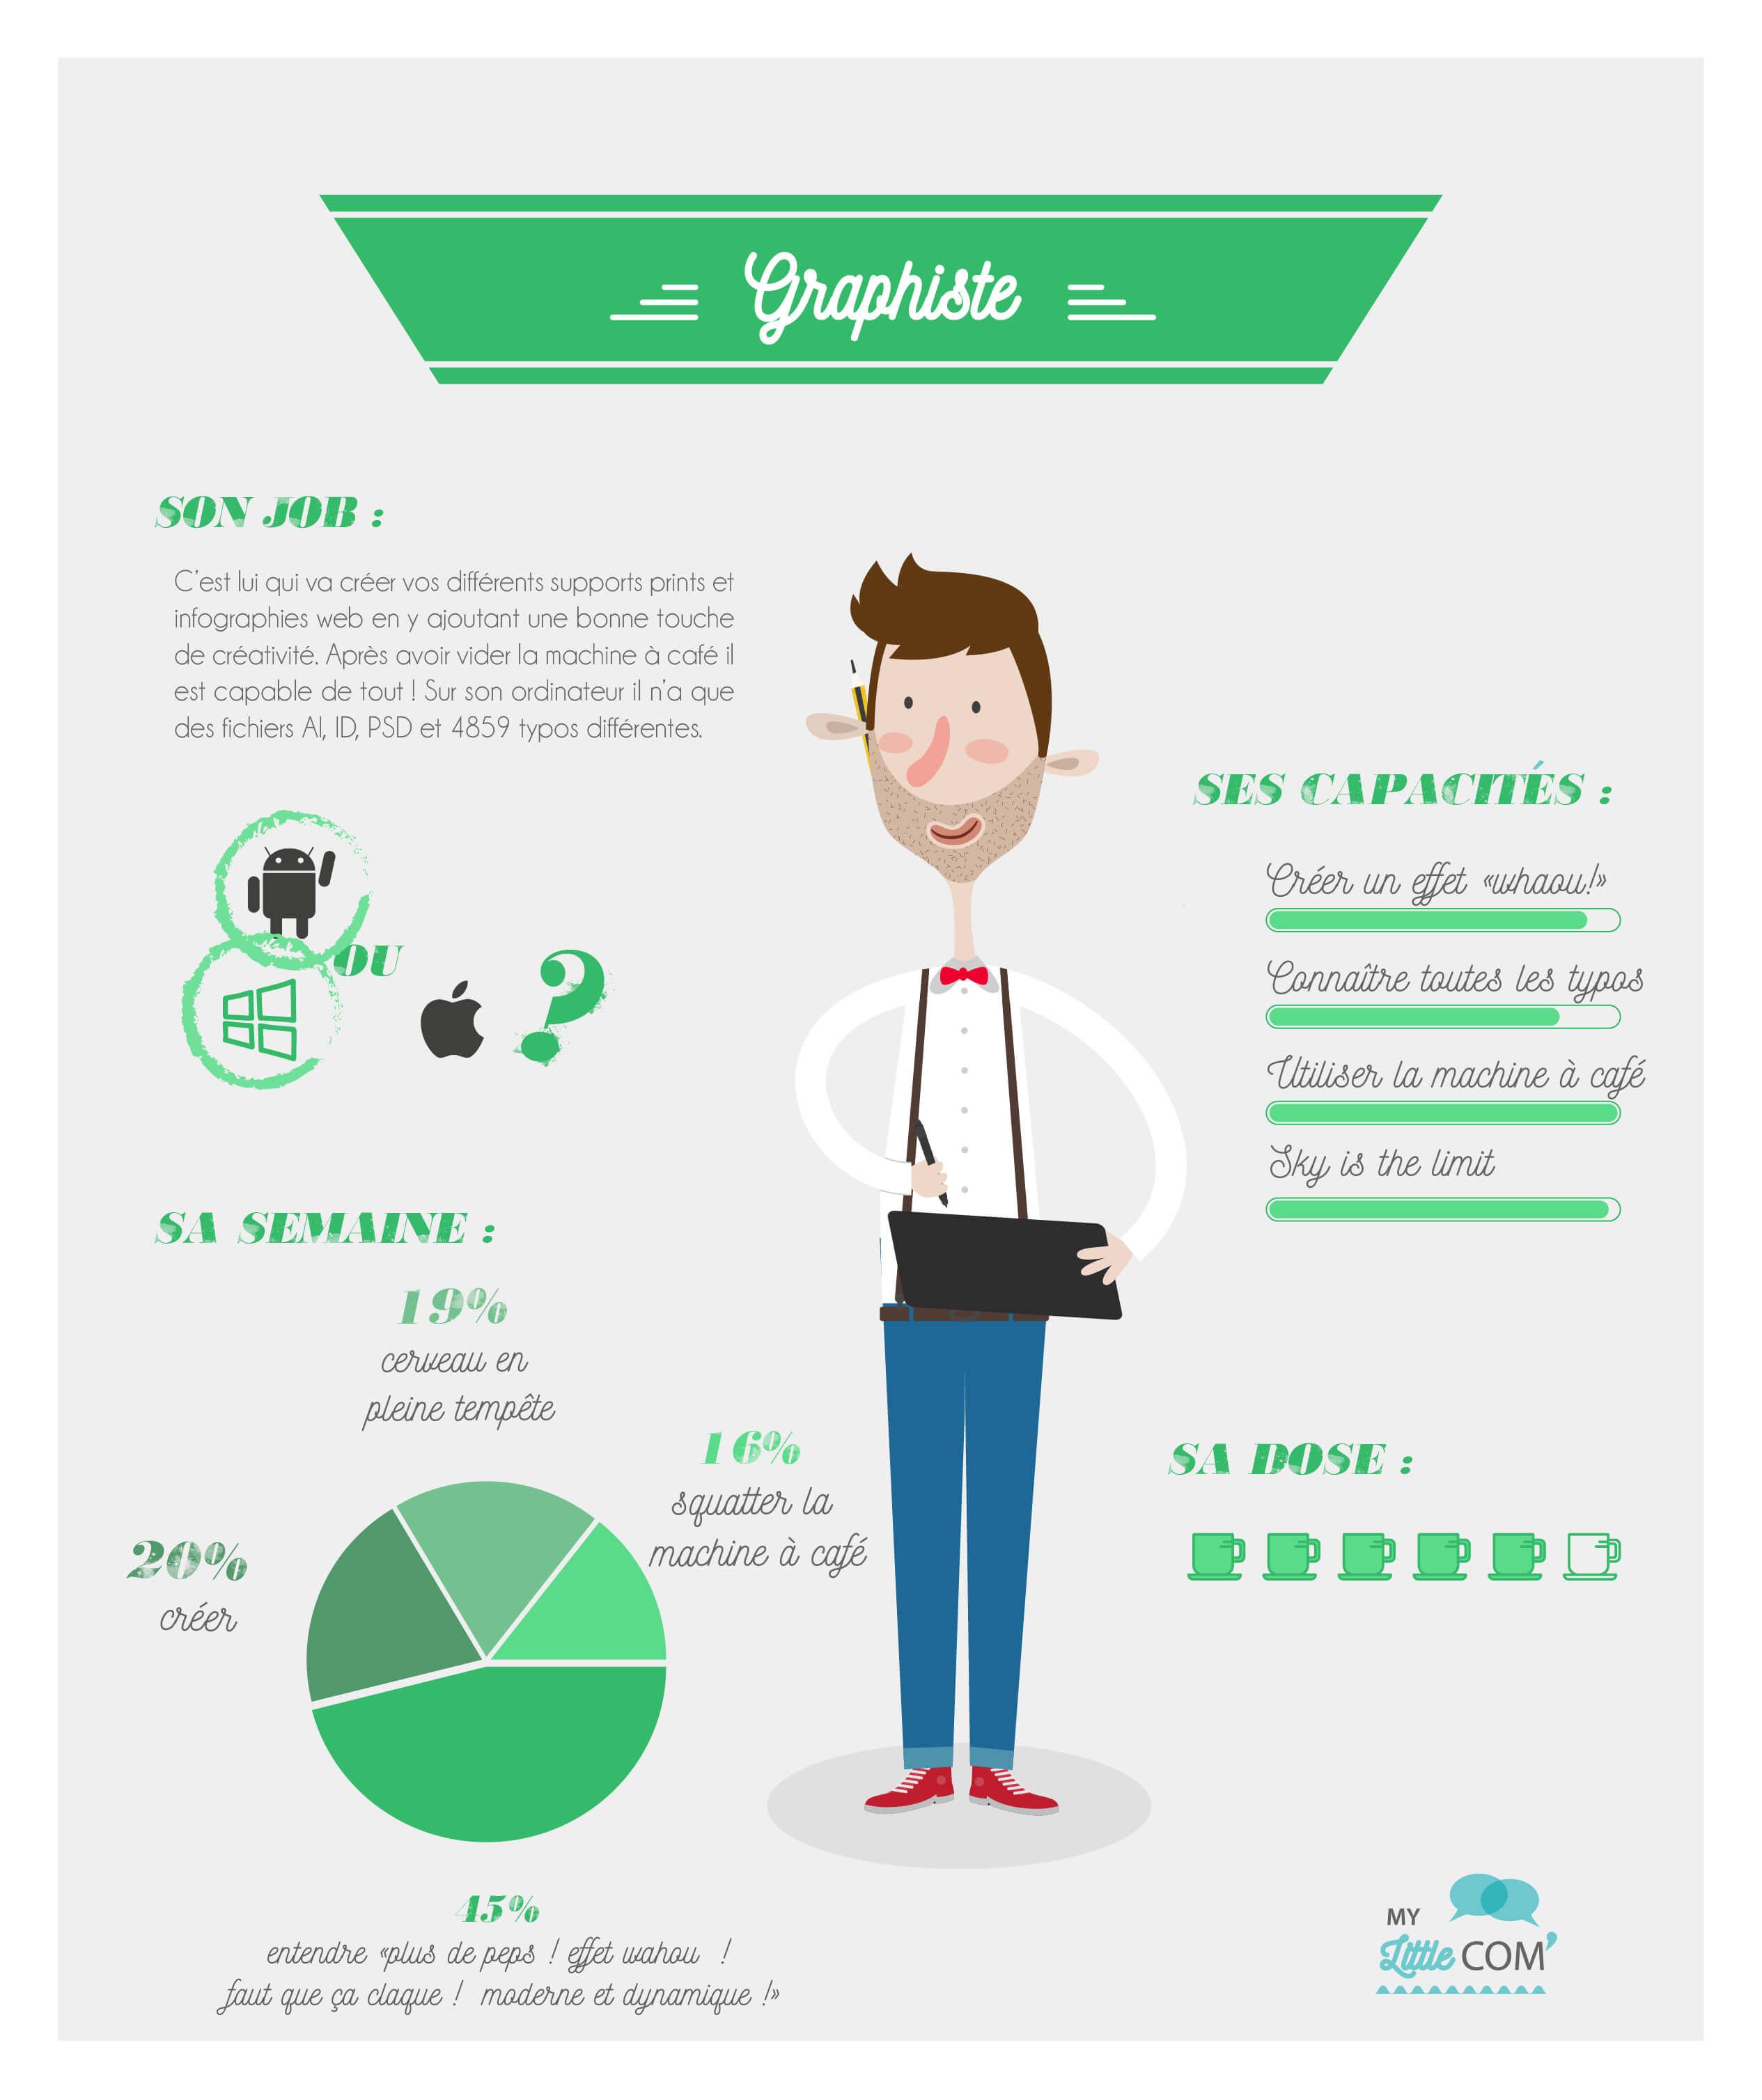 Découvrez sous forme d'infographie le métier de graphiste.